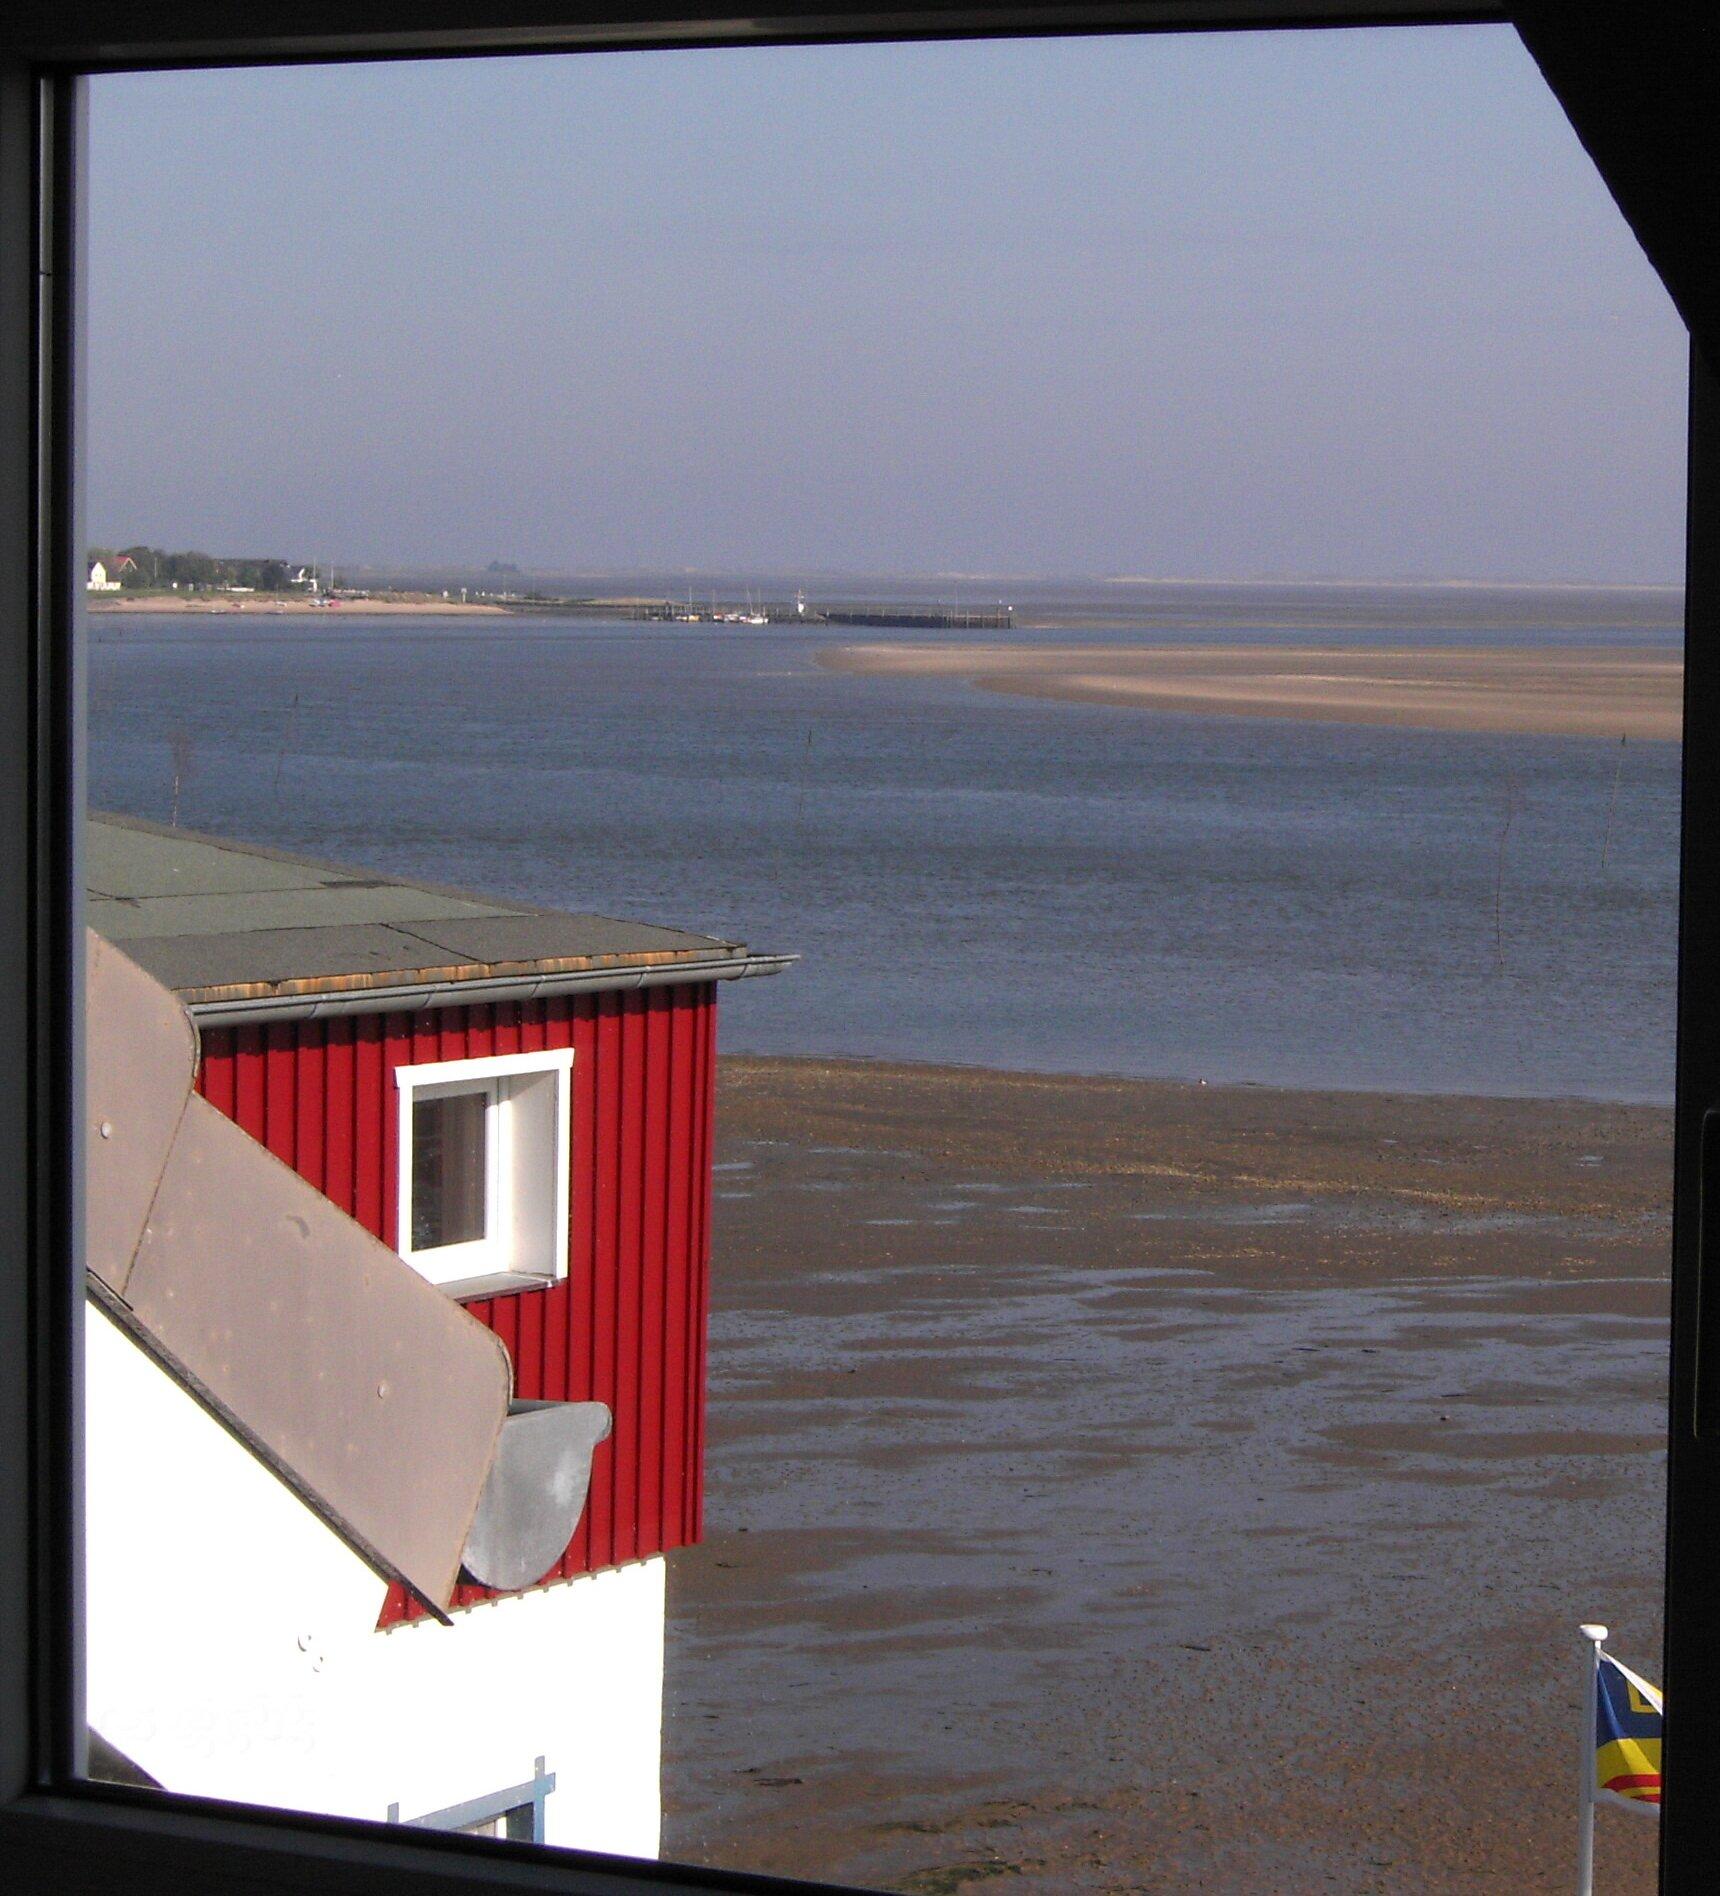 Wohnzimmer, Ausblick auf das Wattenmeer